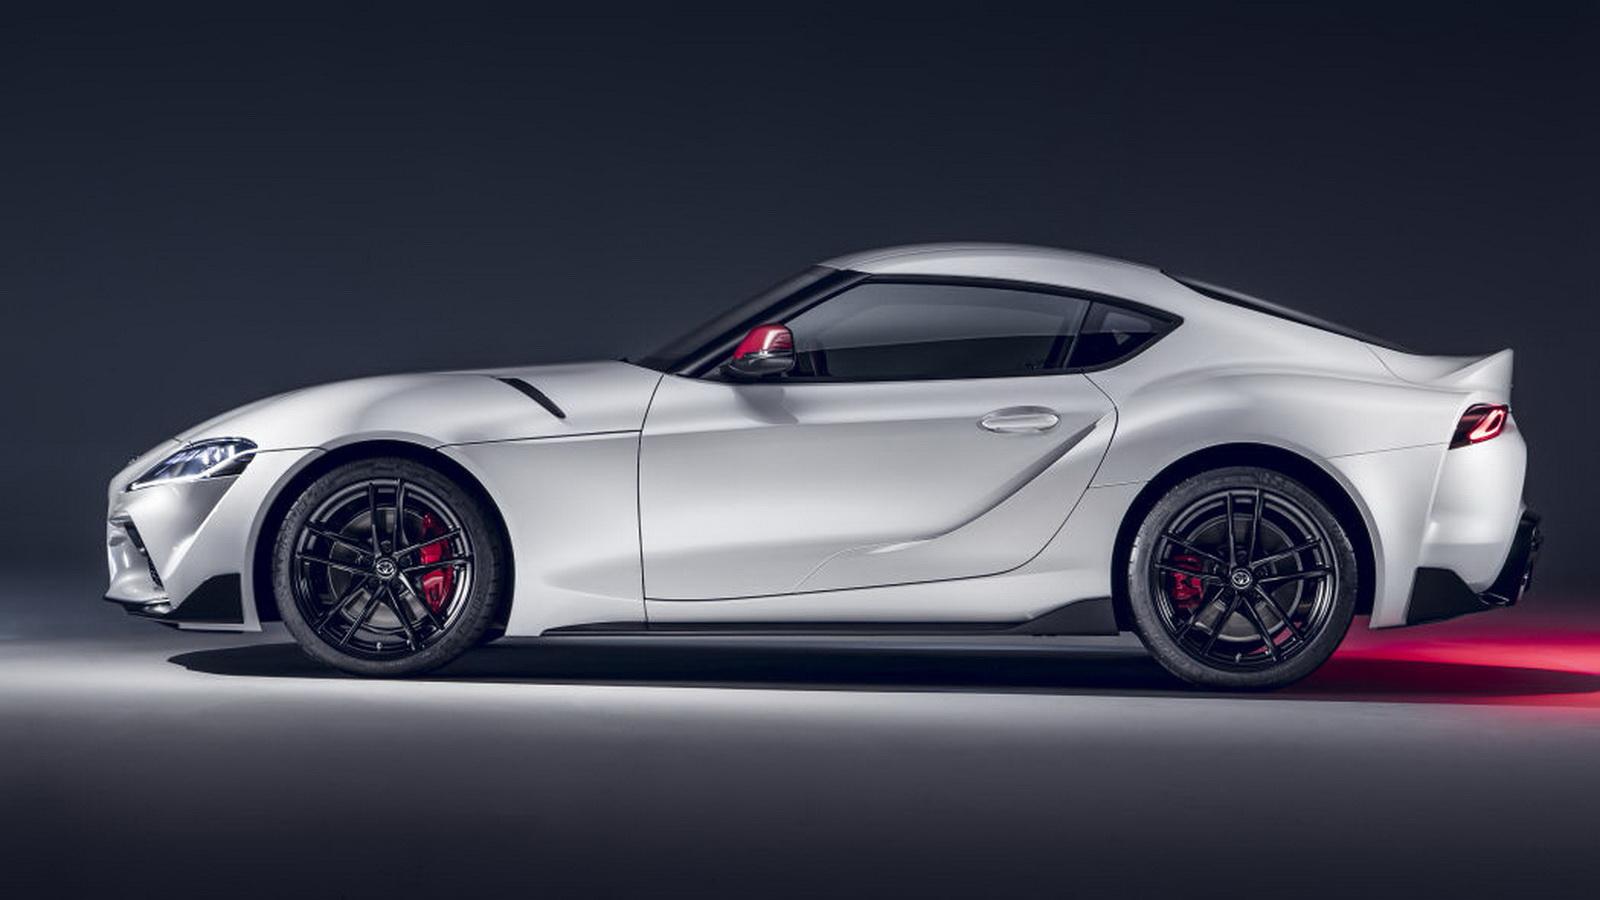 圖/有「牛魔王」封號的Toyota GR Supra,未上市便引起熱烈話題,每次發表都吸引玩家或改裝廠測試它的性能極限。